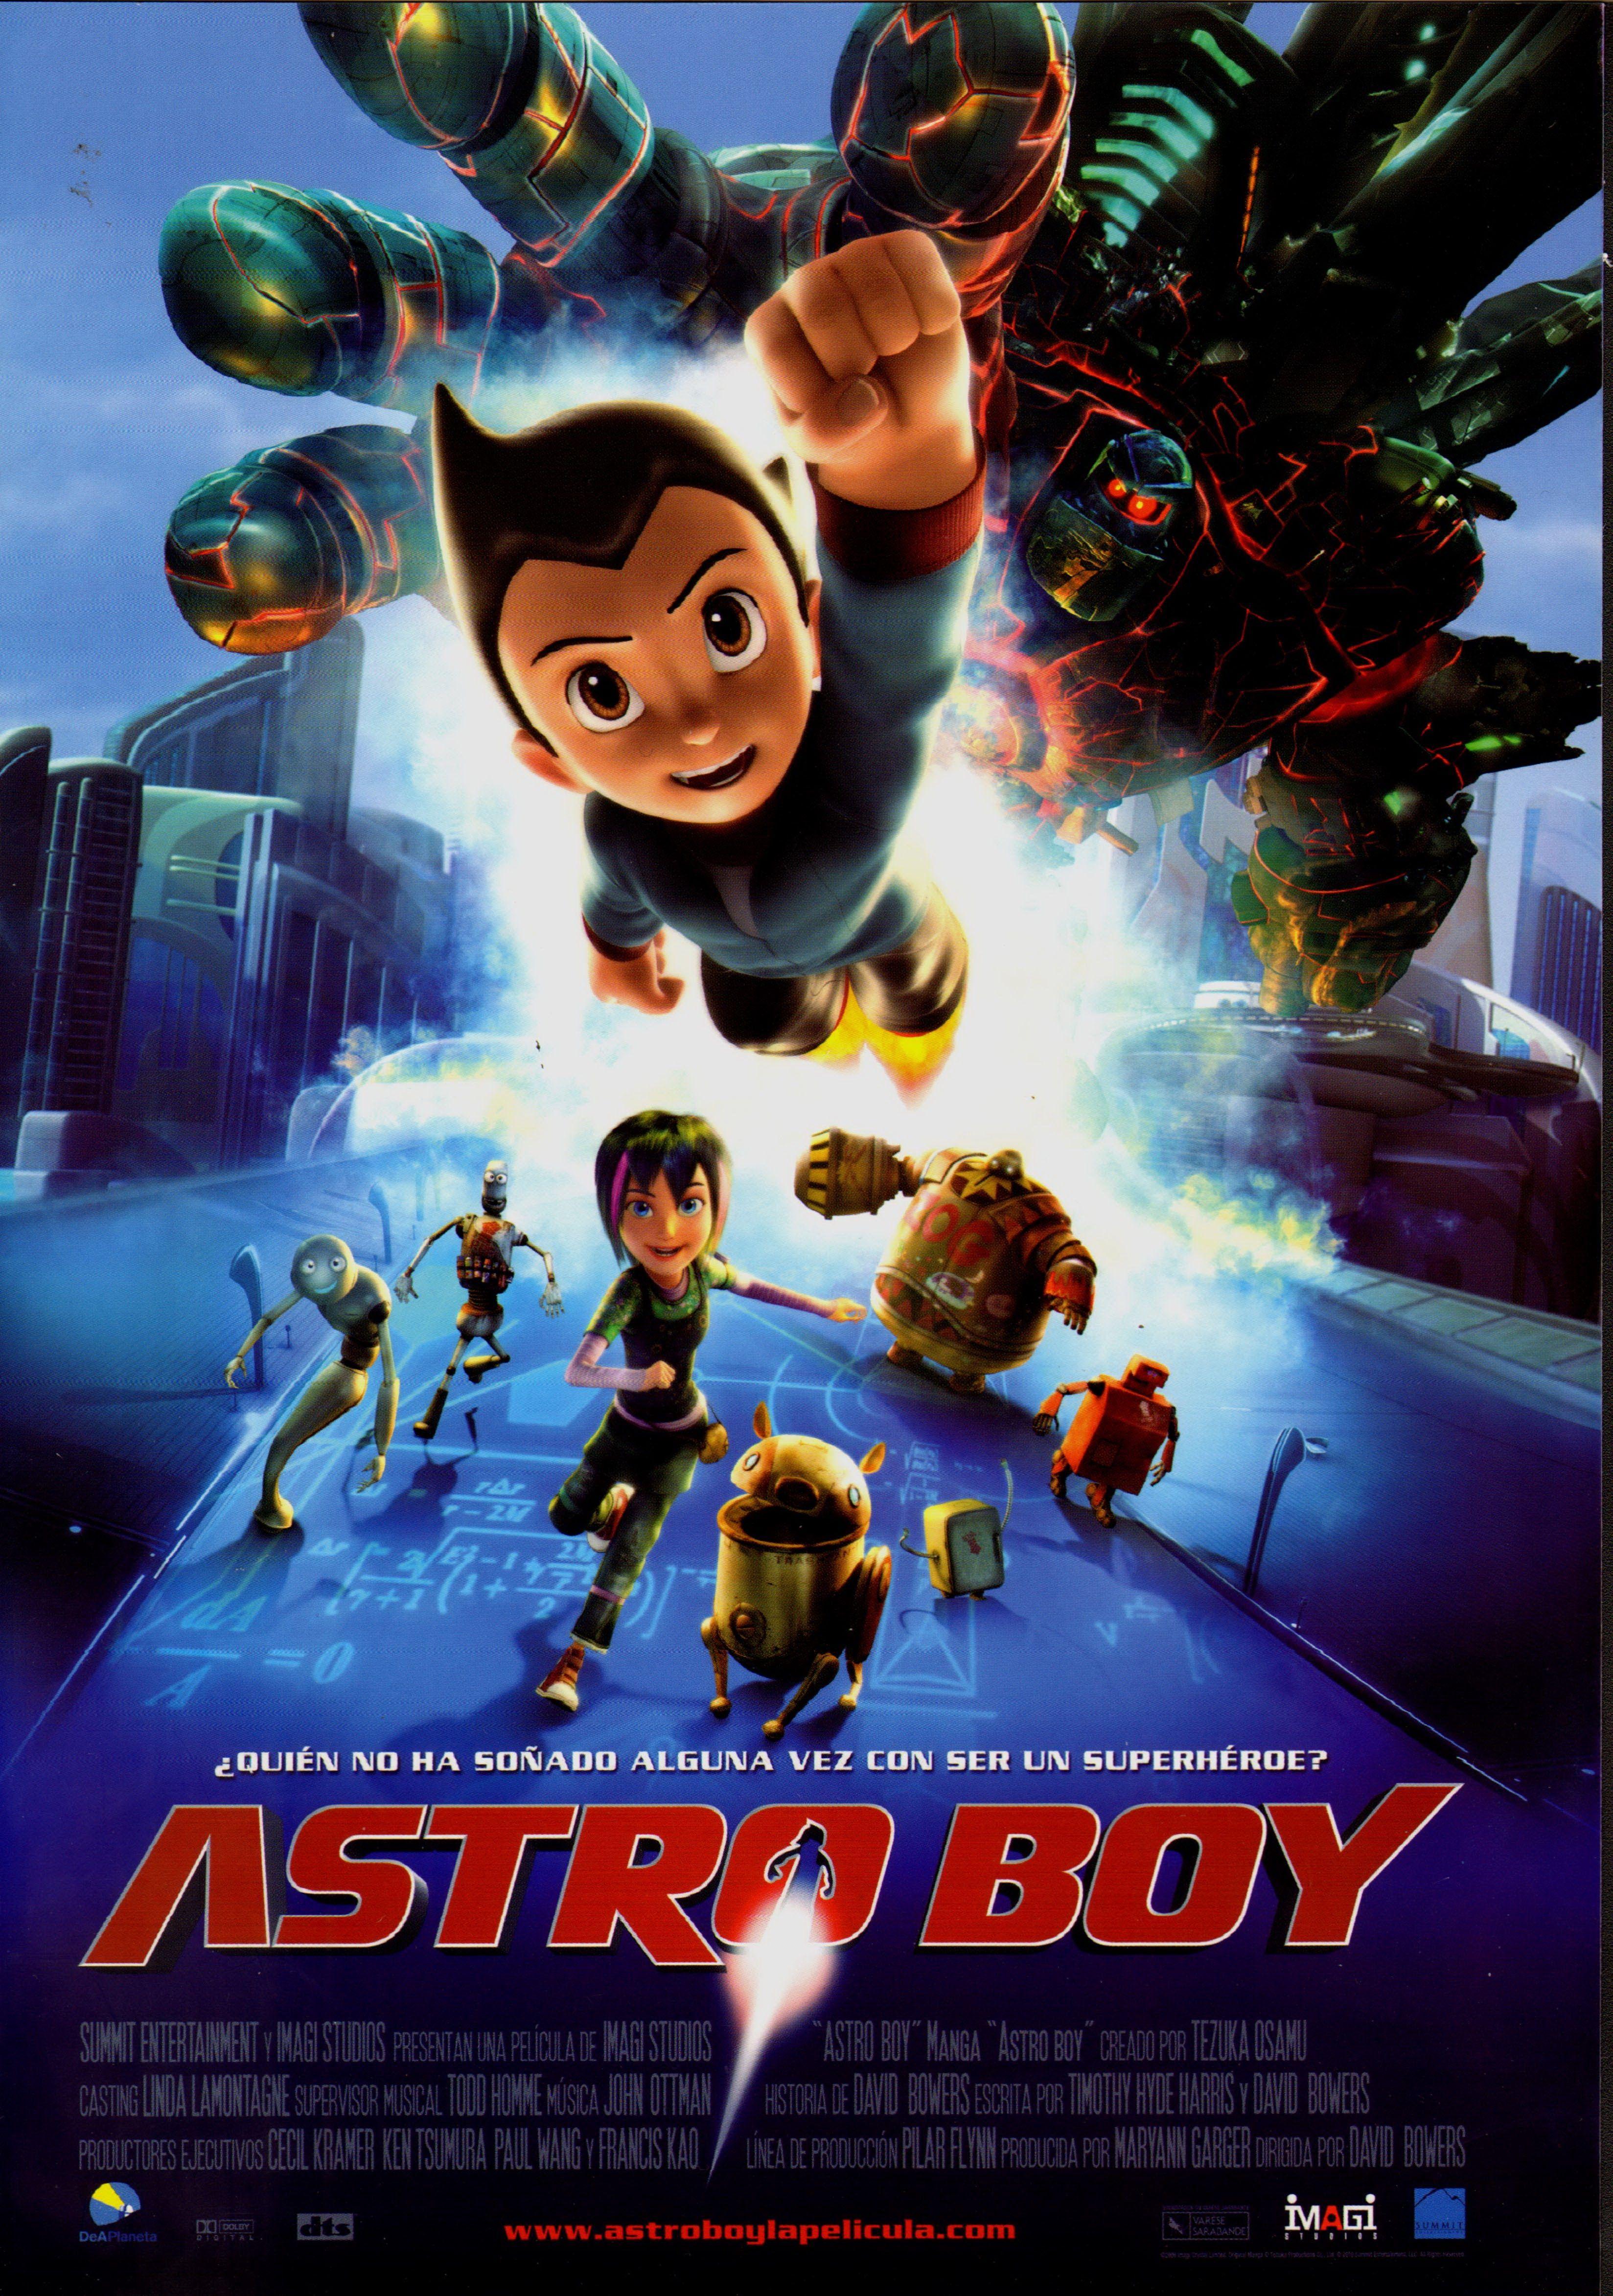 Astro Boy | Astro boy